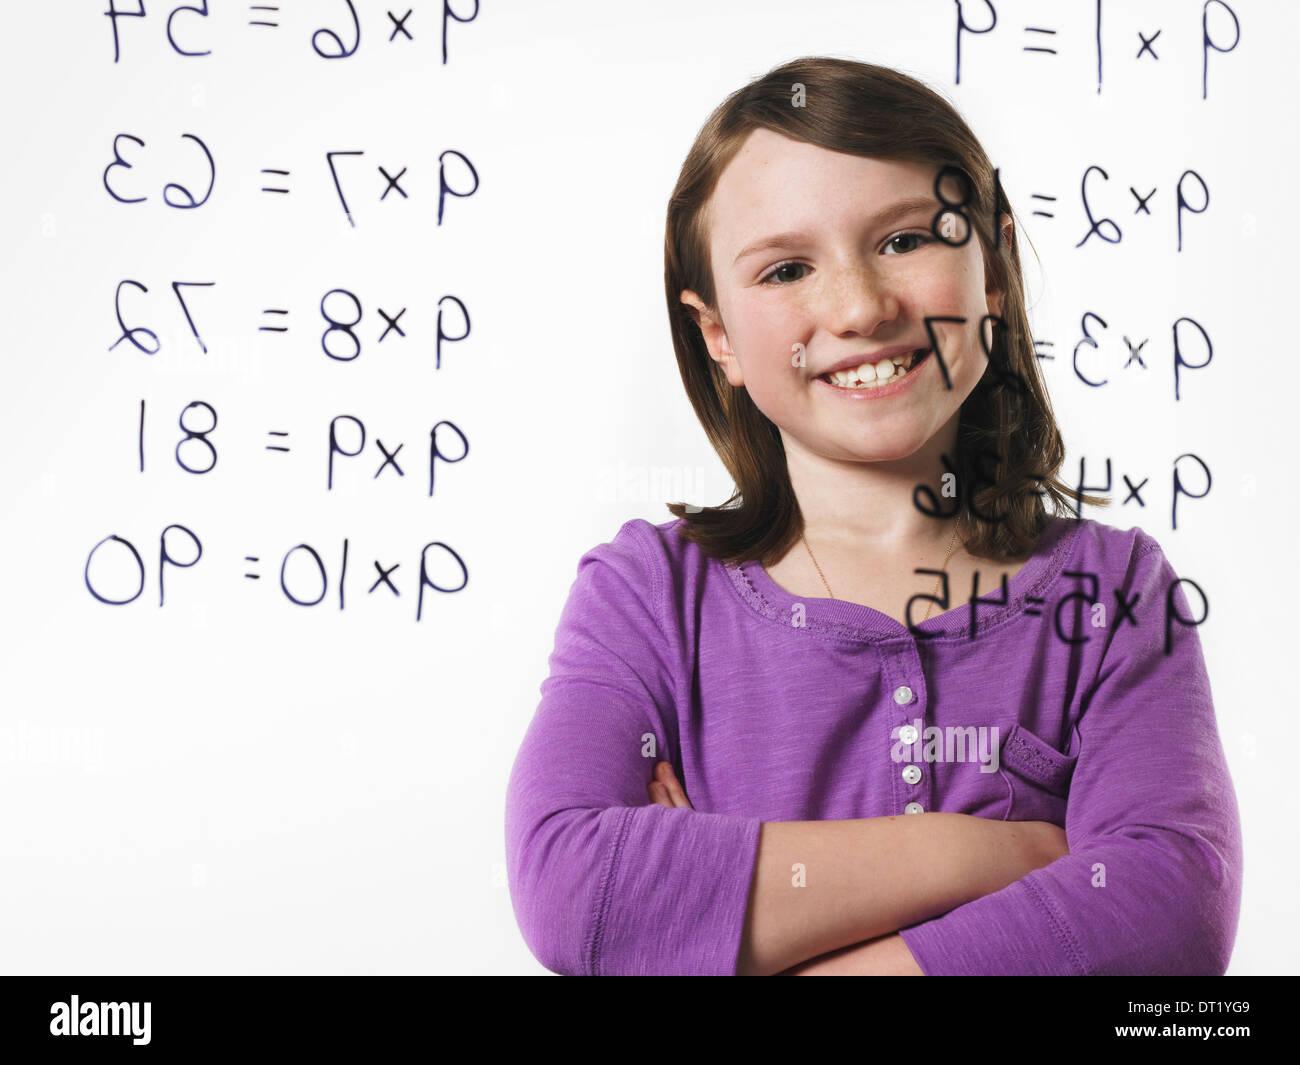 Ein Kind, der Blick auf eine Reihe von Einmaleins geschrieben auf einem durchsichtigen Oberfläche Stockbild